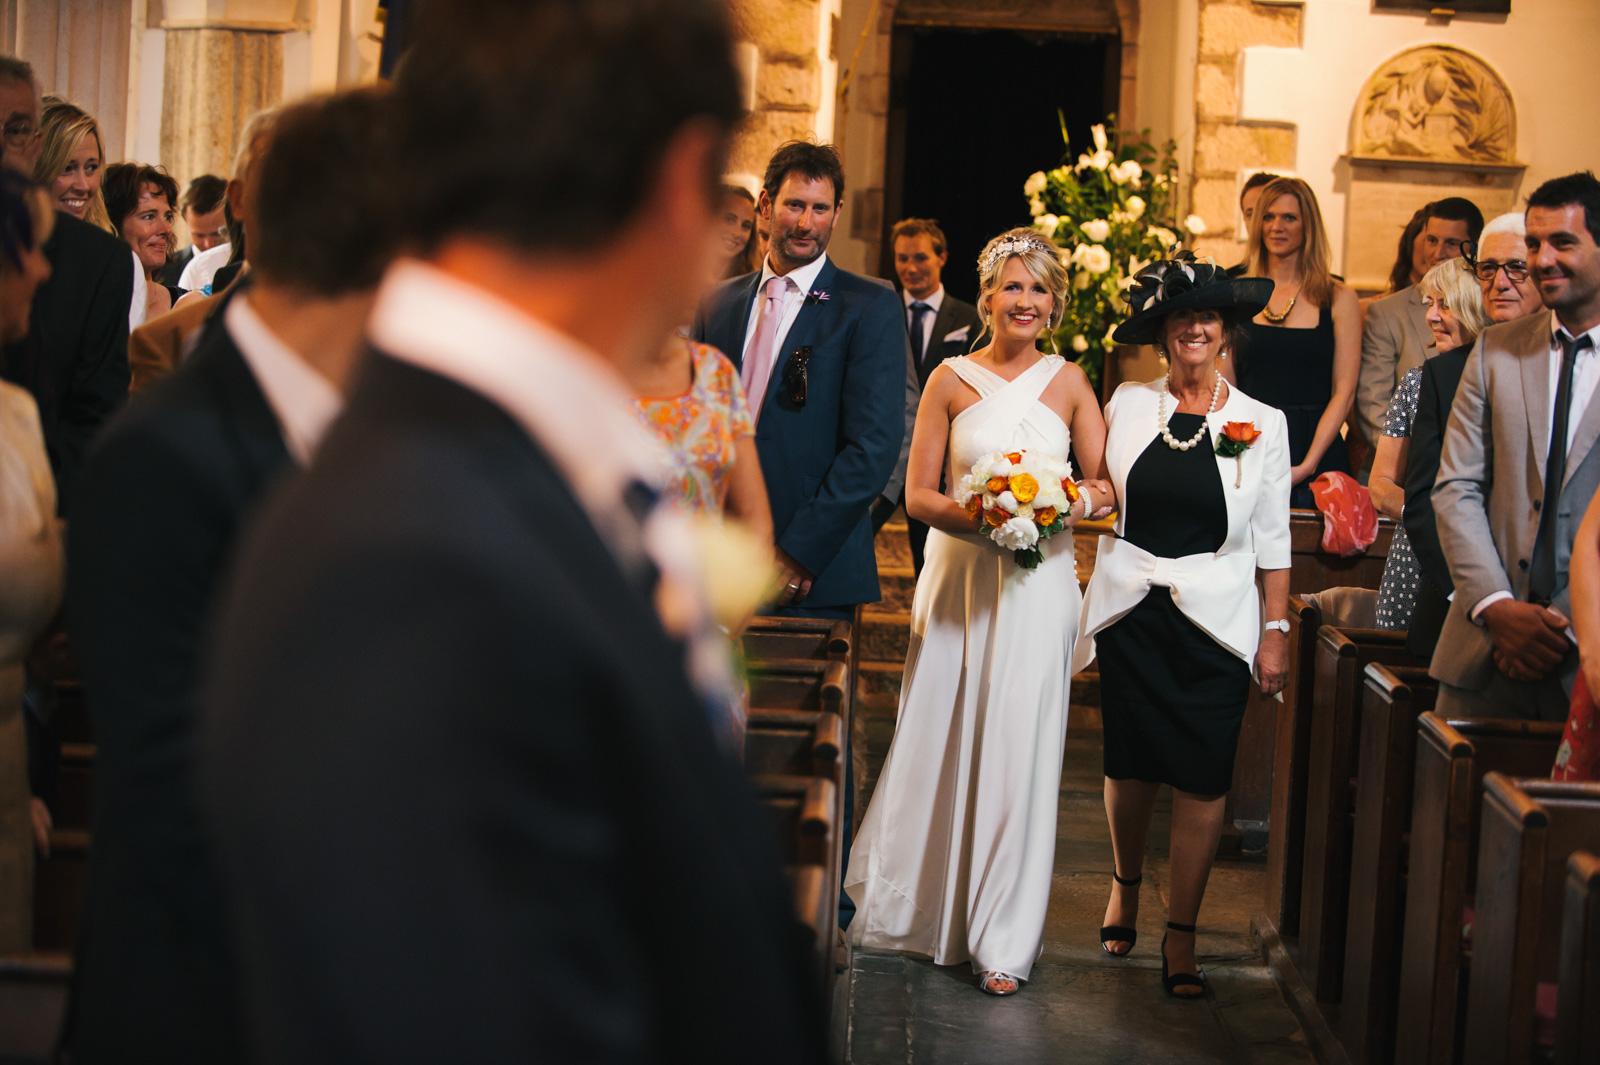 mylor-church-wedding-32.jpg